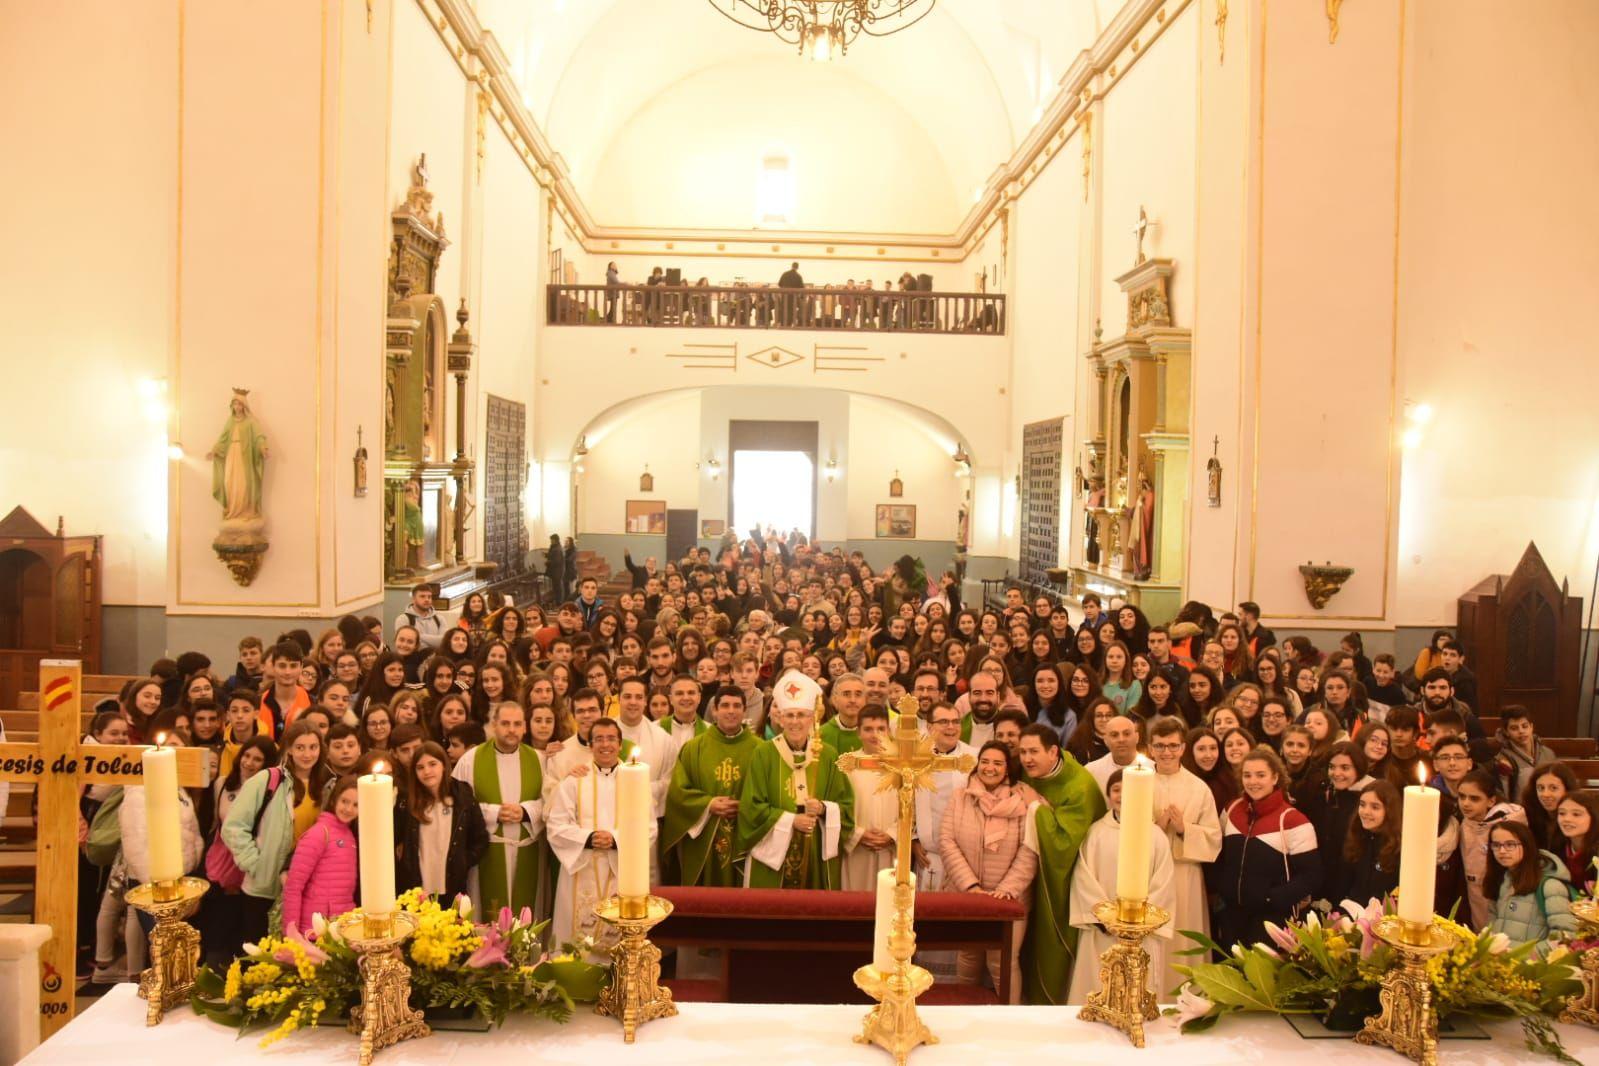 Peregrinación Diocesana de Jóvenes al Santuario del Santísimo Cristo de Urda